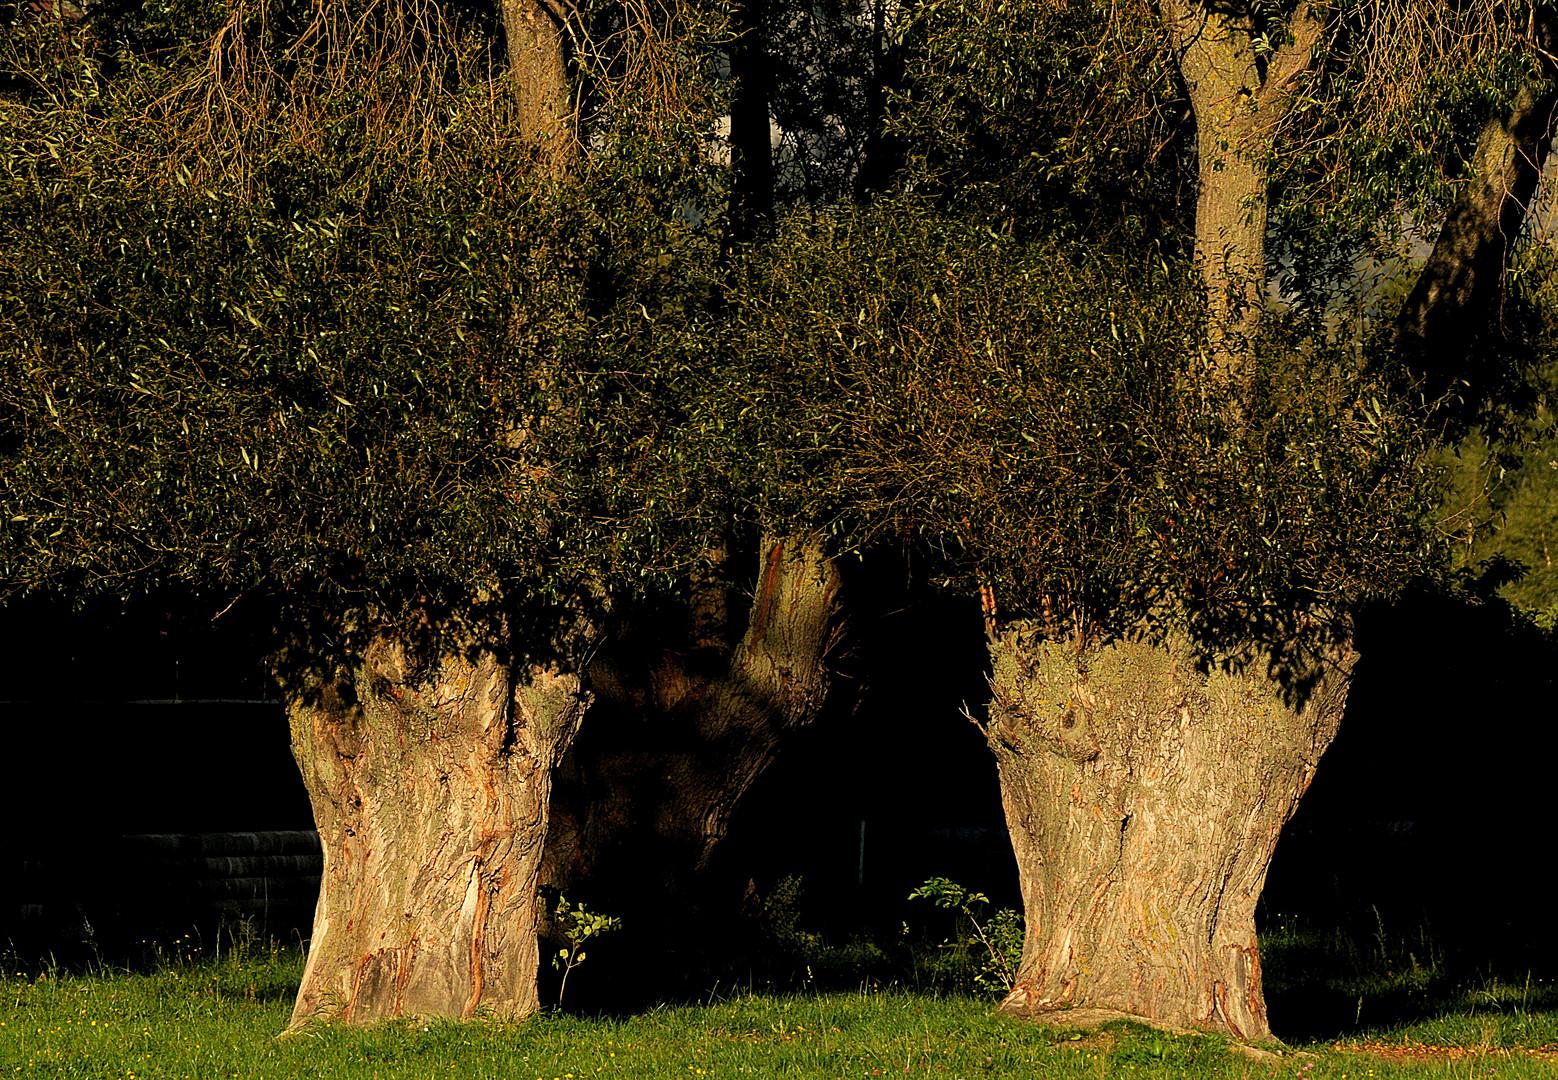 Die ältesten Bäume im Dorf